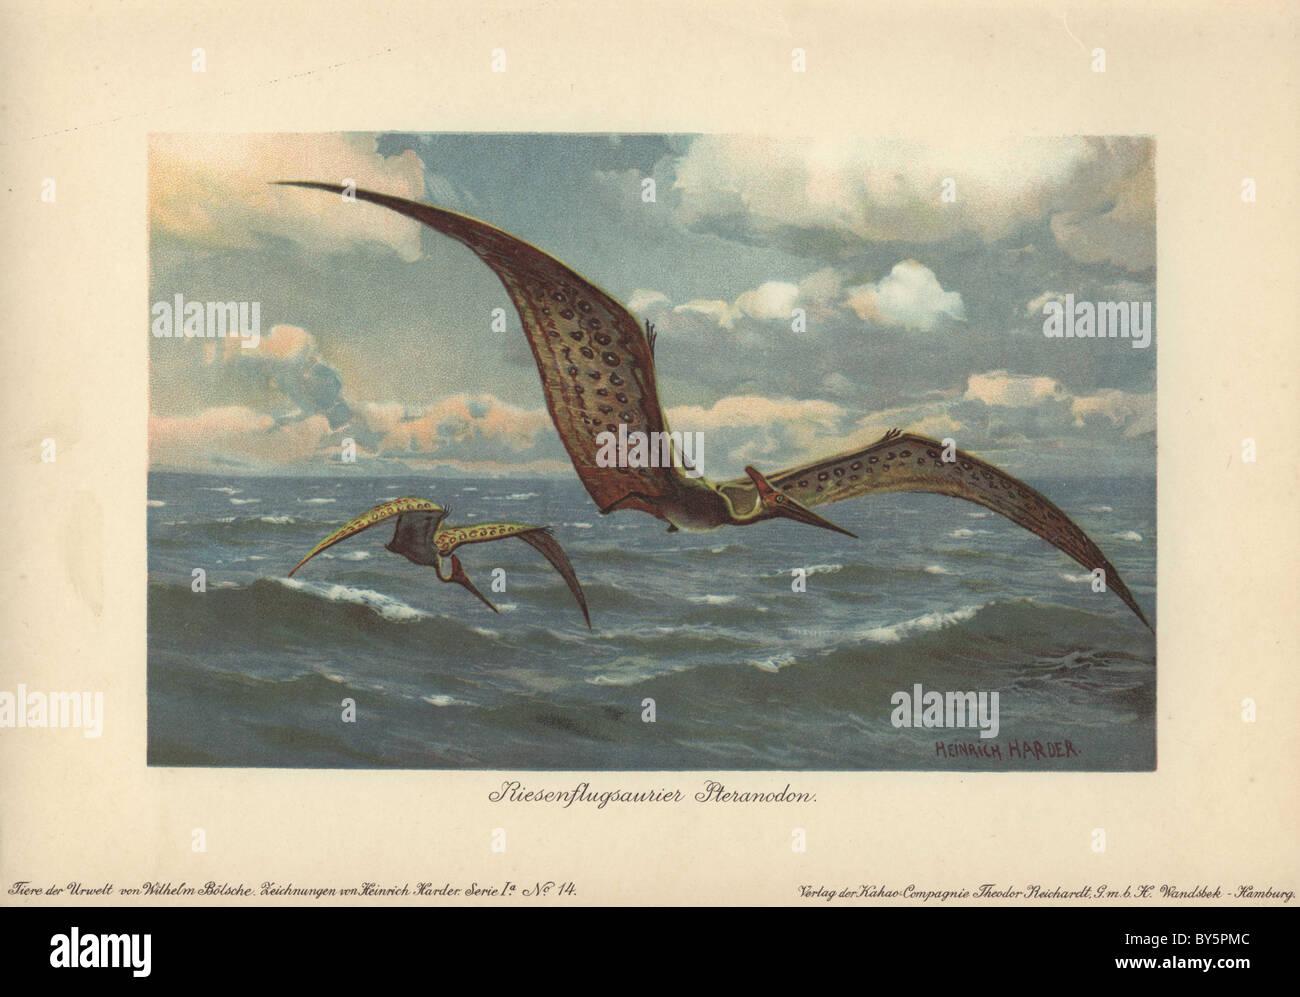 Los Pteranodones eran grandes pterosaurios volando desde finales del período cretácico con alas Imagen De Stock